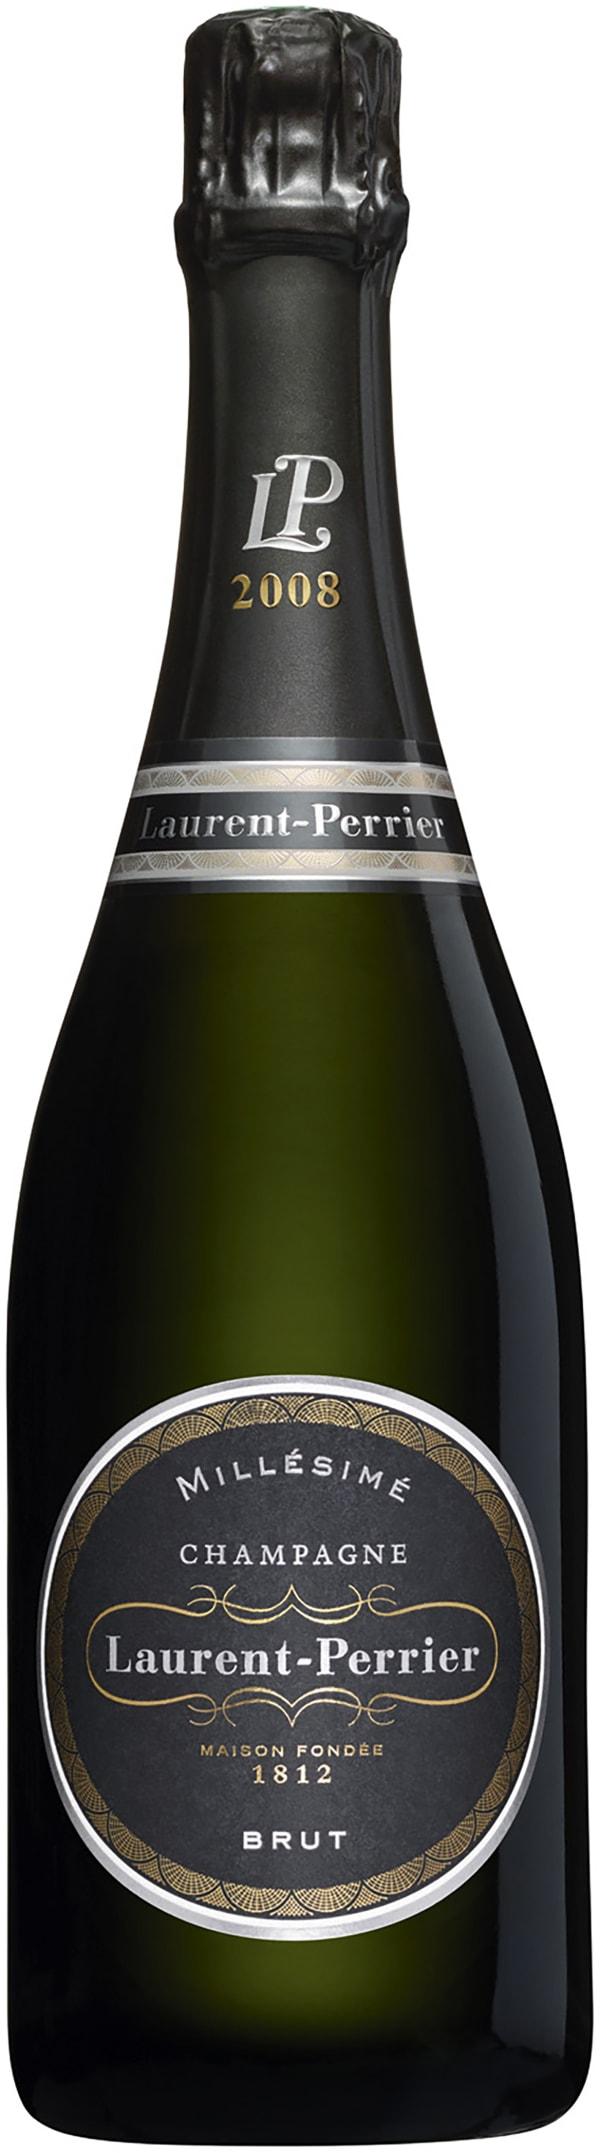 Laurent-Perrier Millésimé Champagne Brut 2006